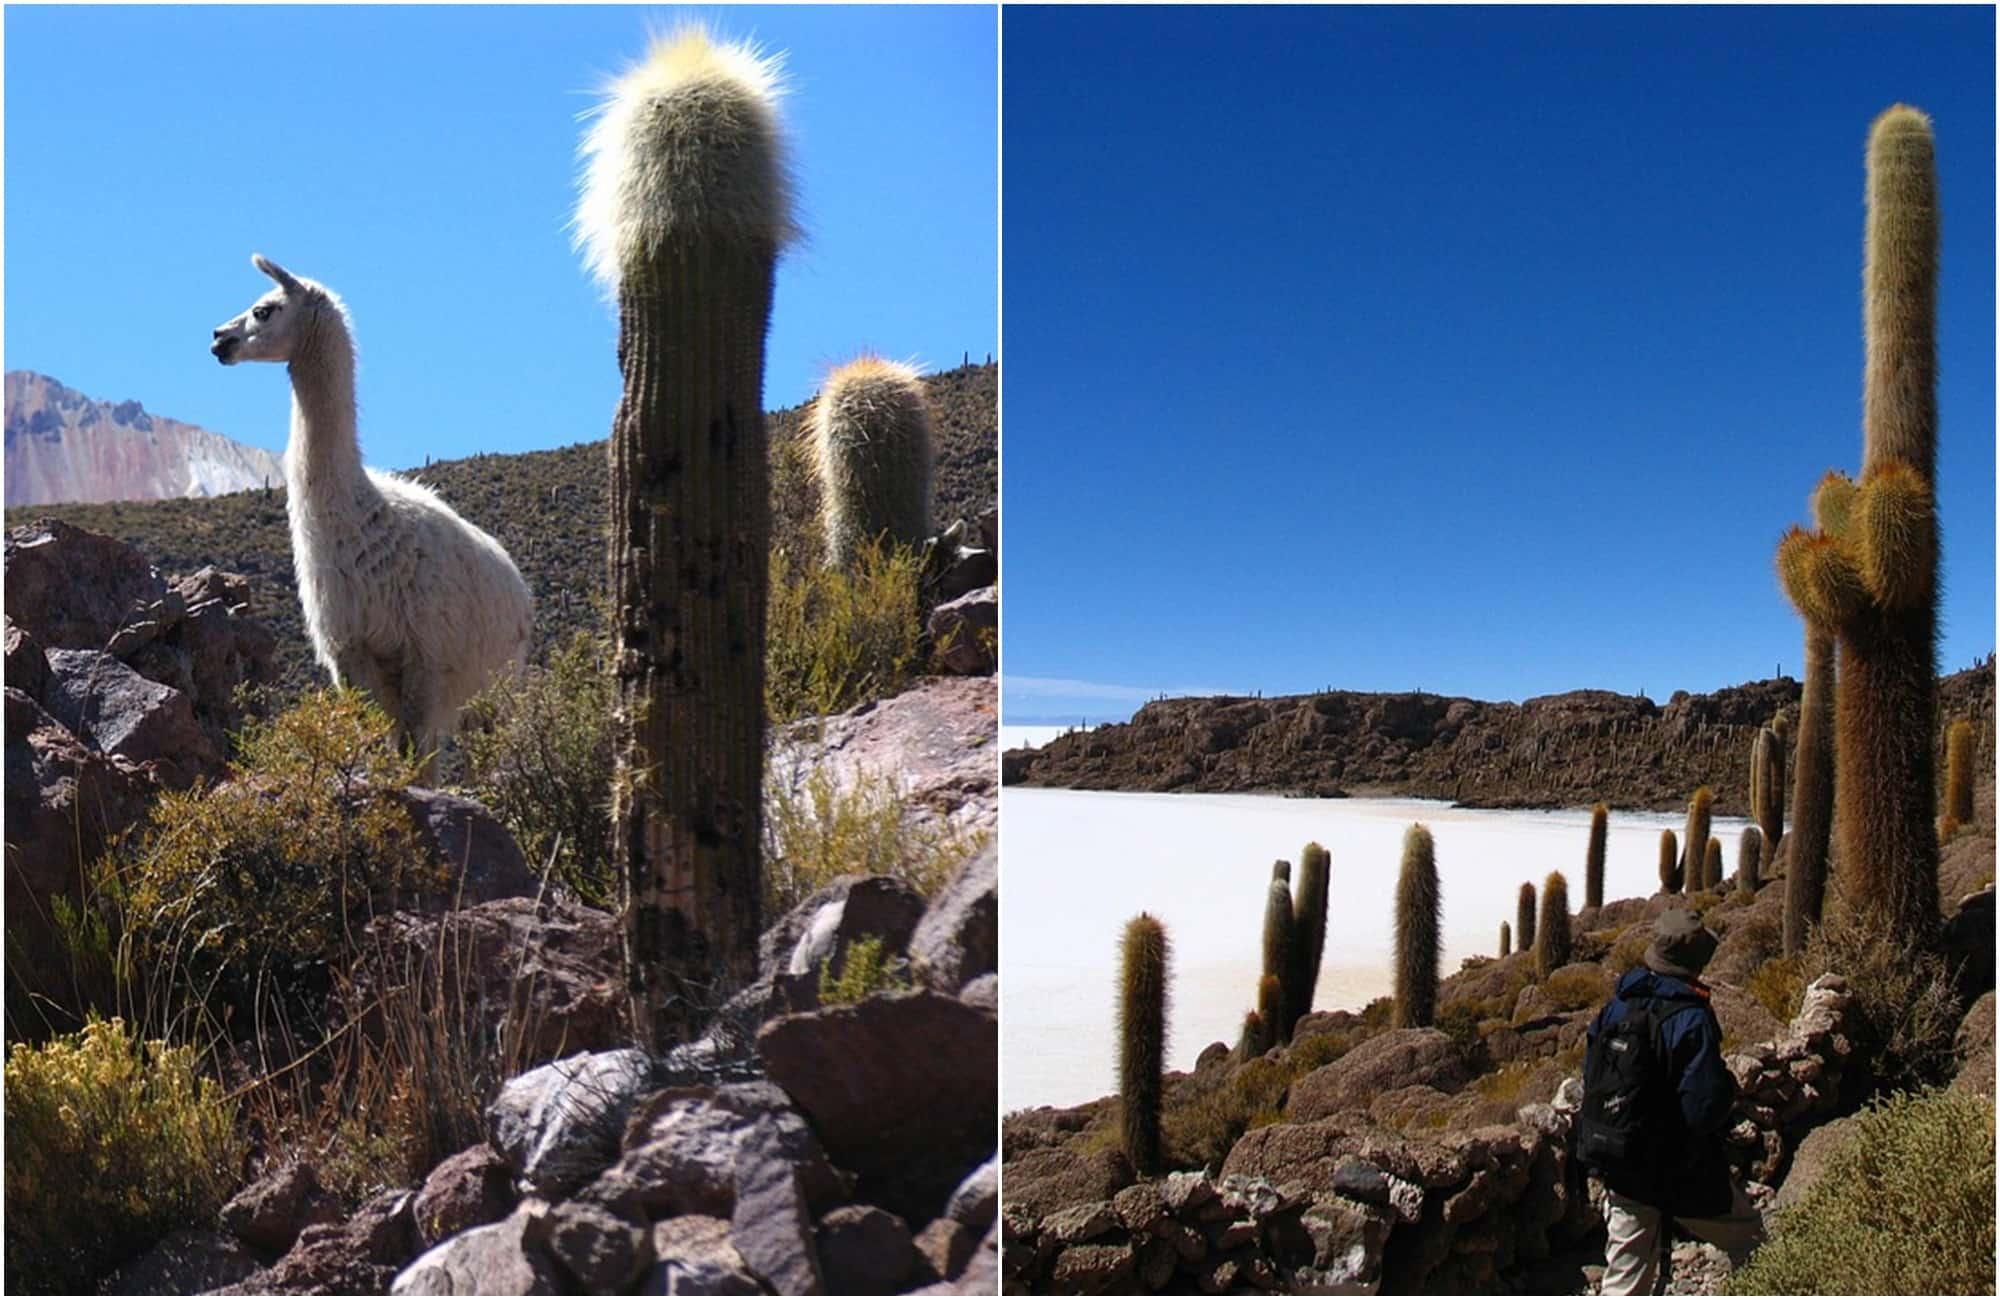 Découvrez l'île d'Incahuasi au cœur du salar d'Uyuni, ses cactus géants et ses vues panoramiques.